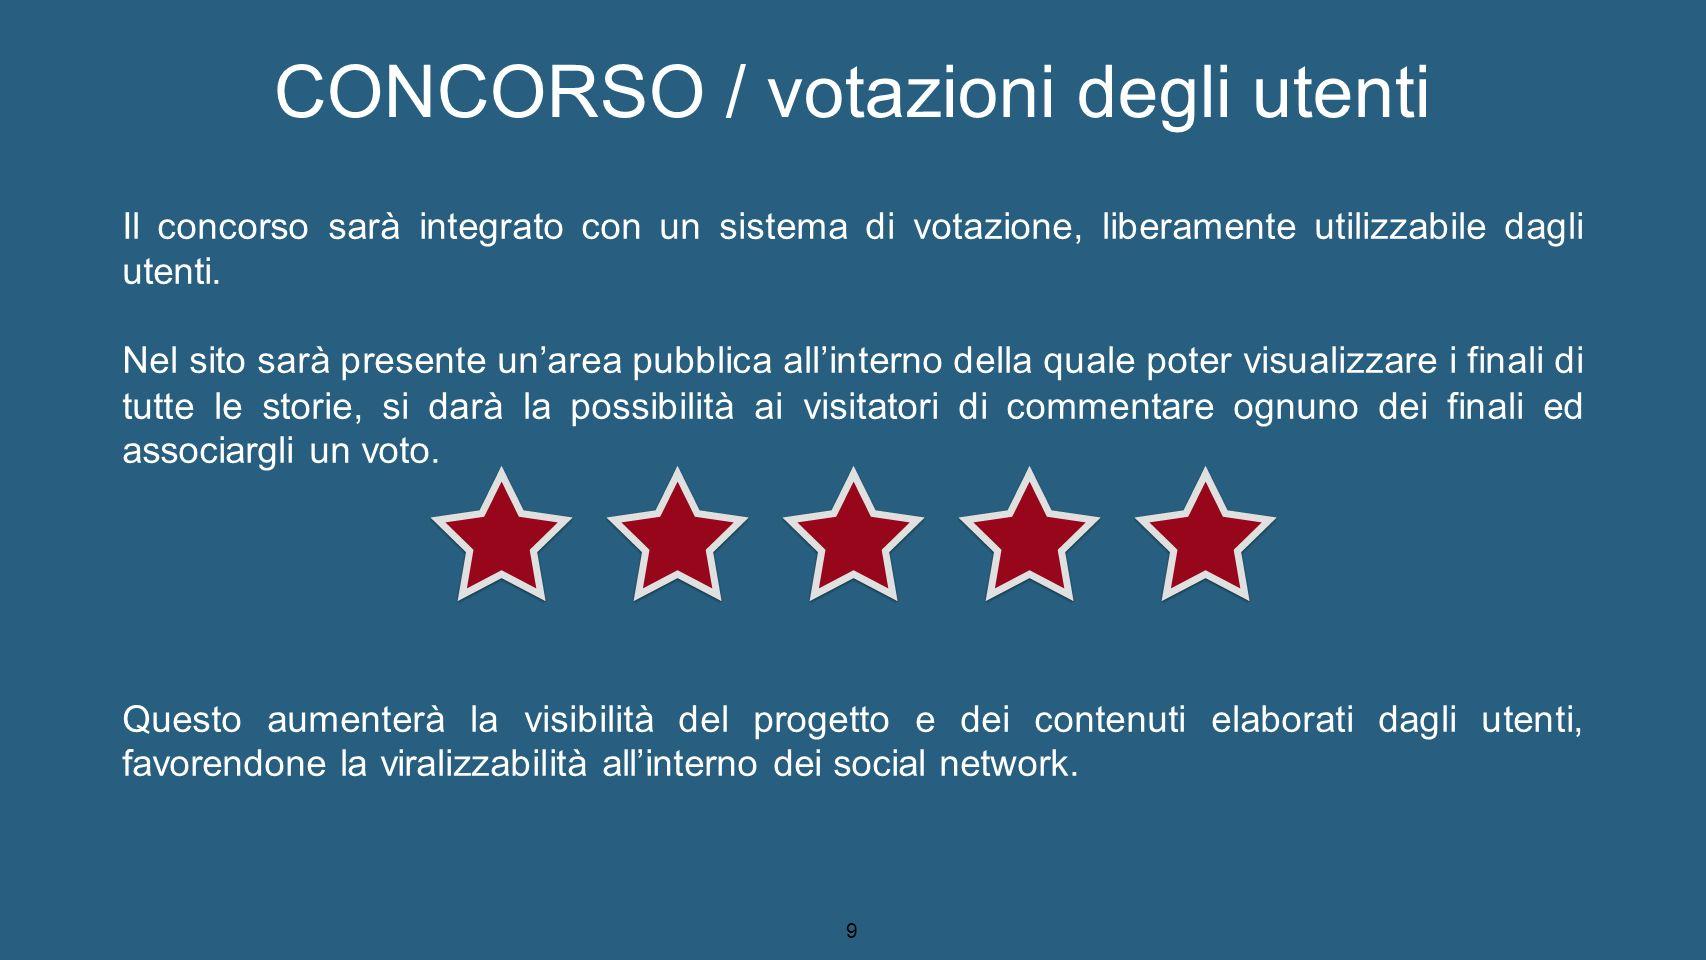 CONCORSO / votazioni degli utenti